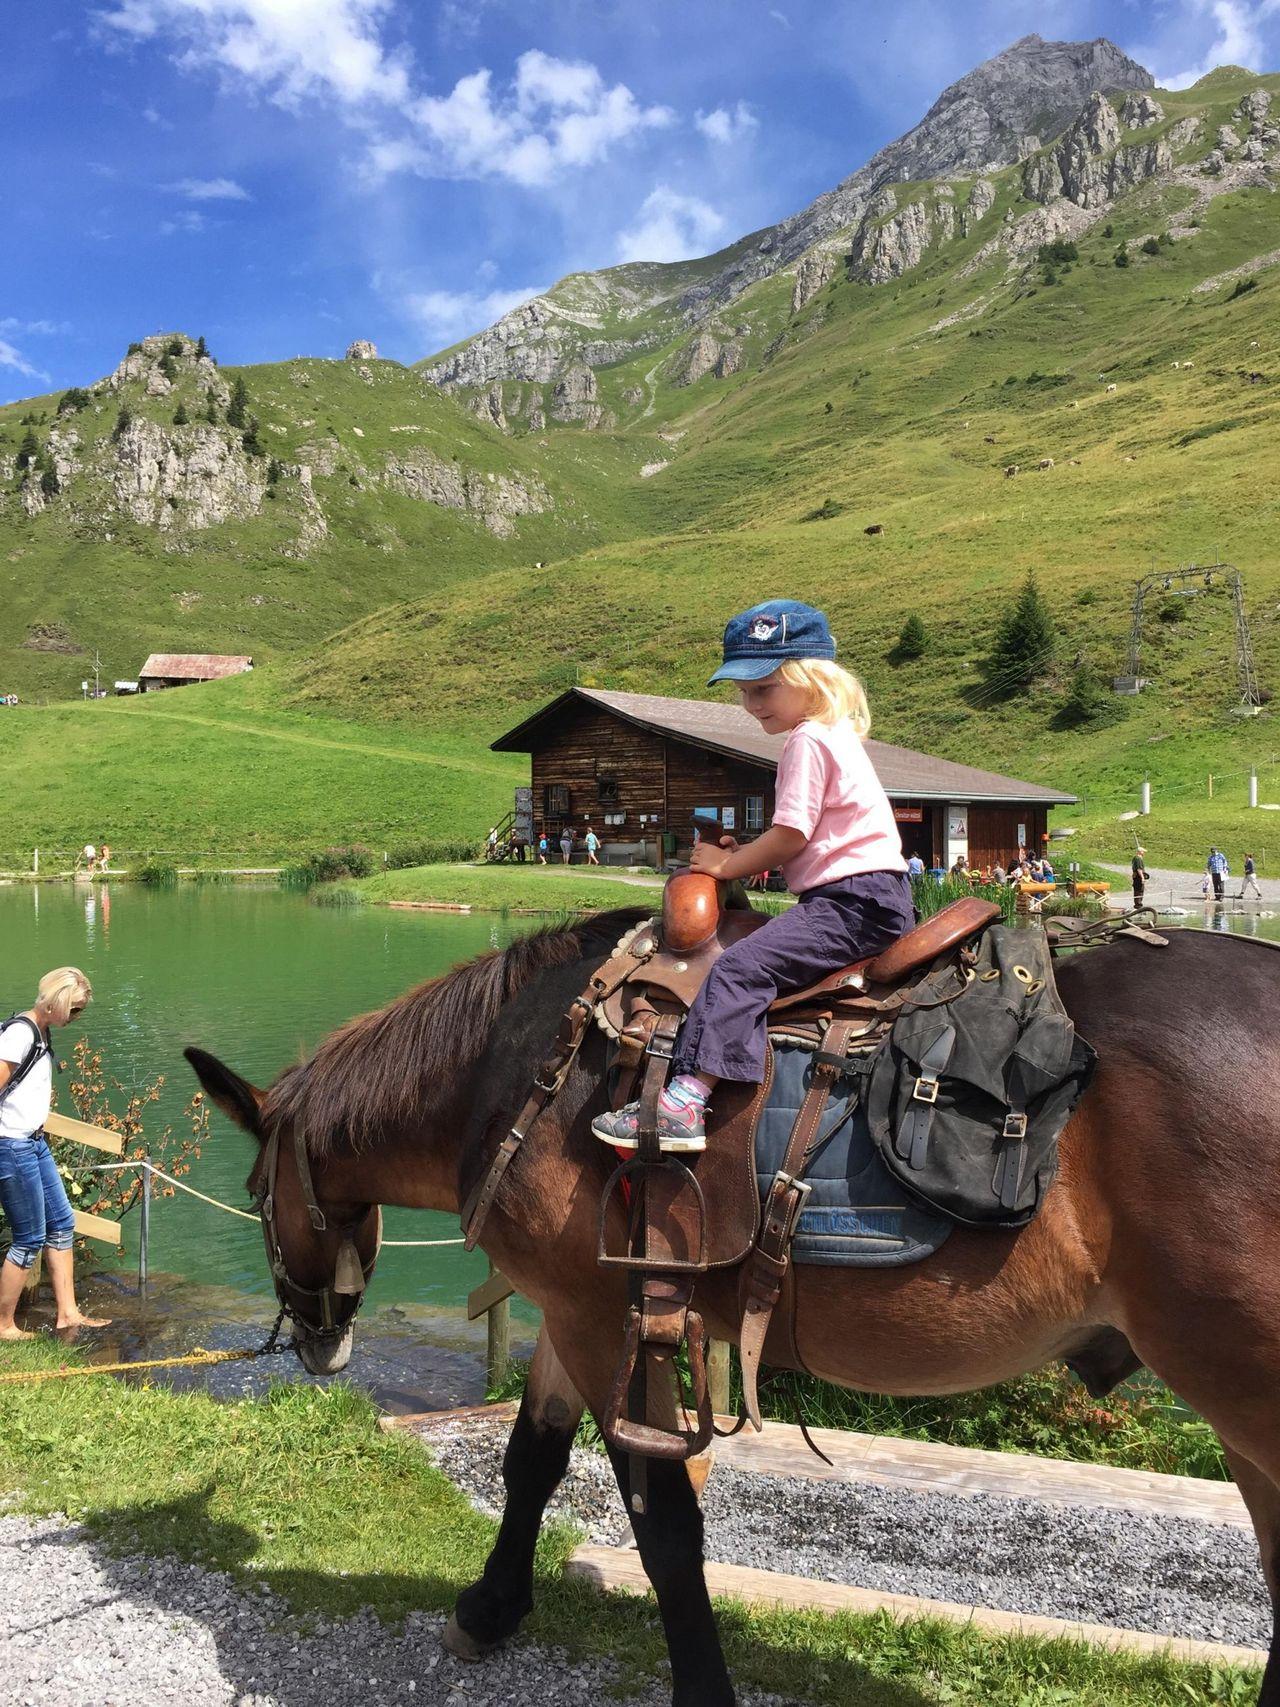 Mule trekking in Engelberg